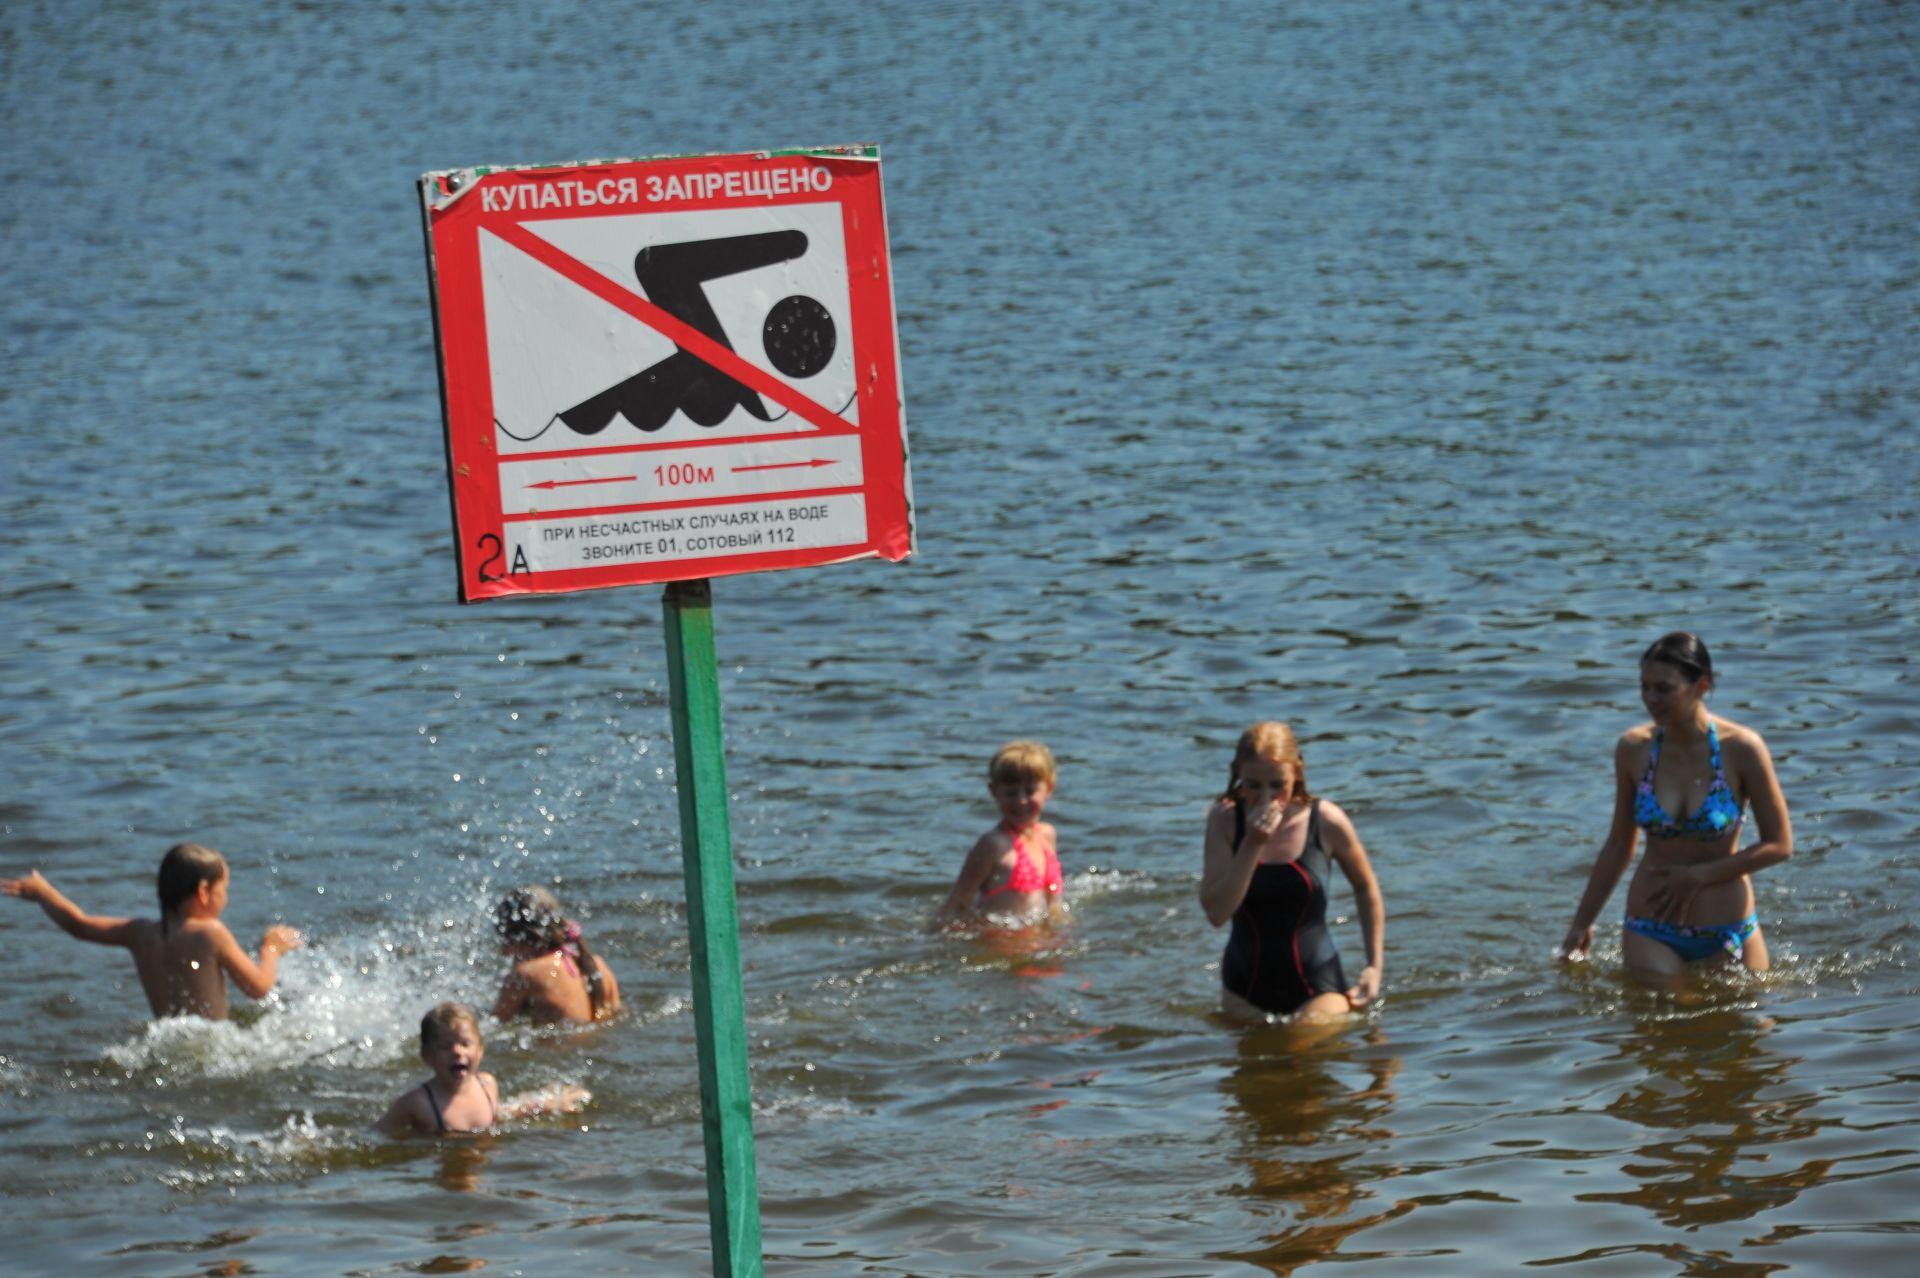 Безопасность новочеркасцев во время летнего отдыха у воды